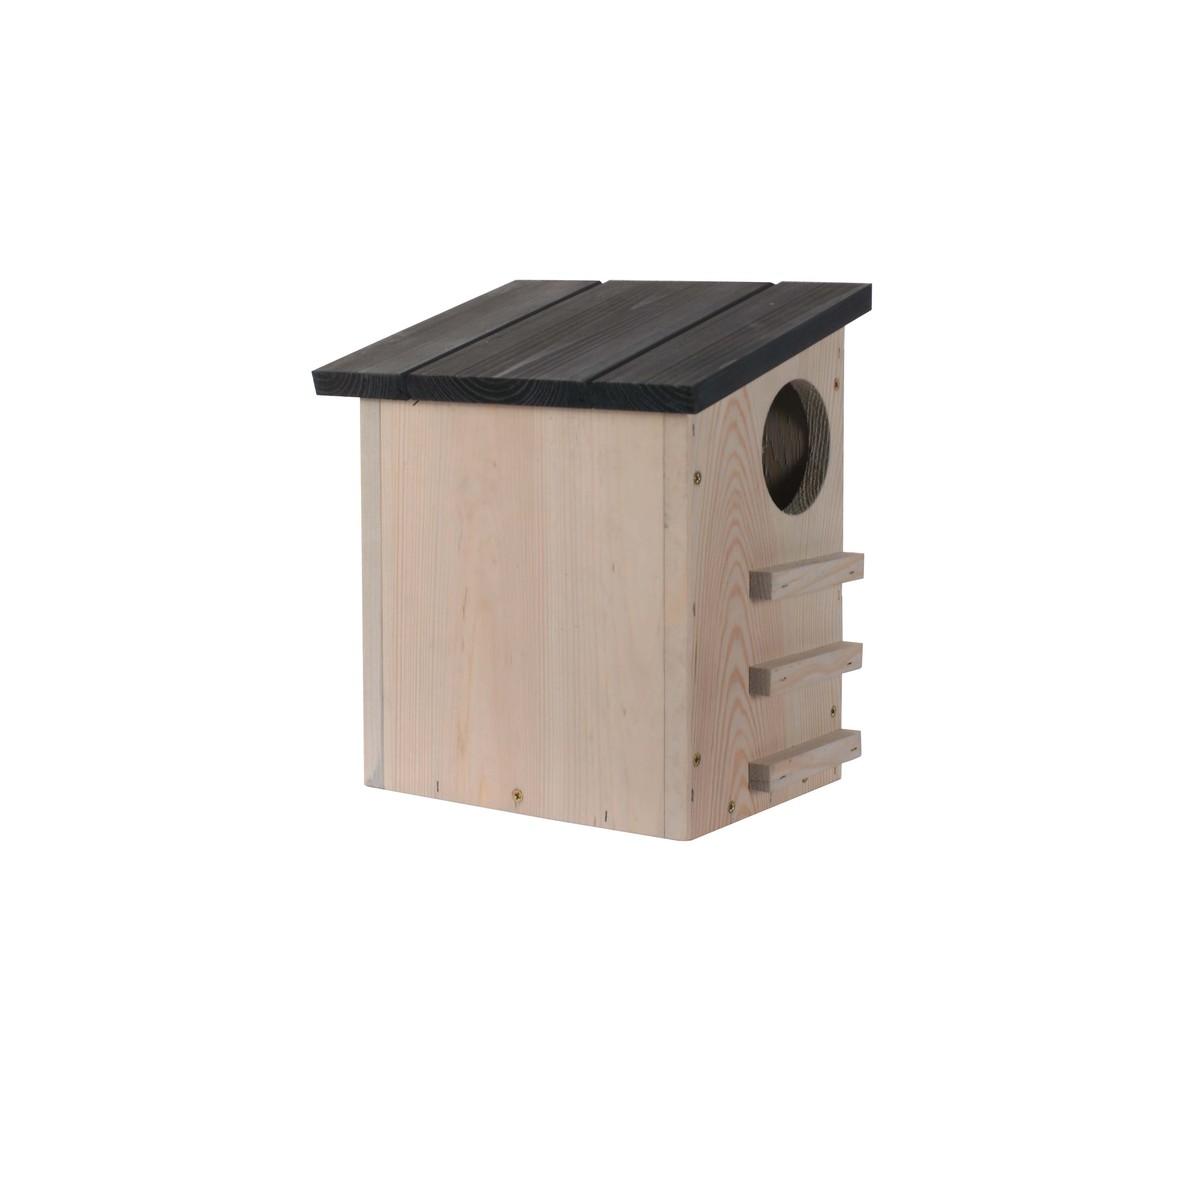 Schilliger s lection maison d 39 ecureuil mangeoire toit for Aubergines en conserve maison